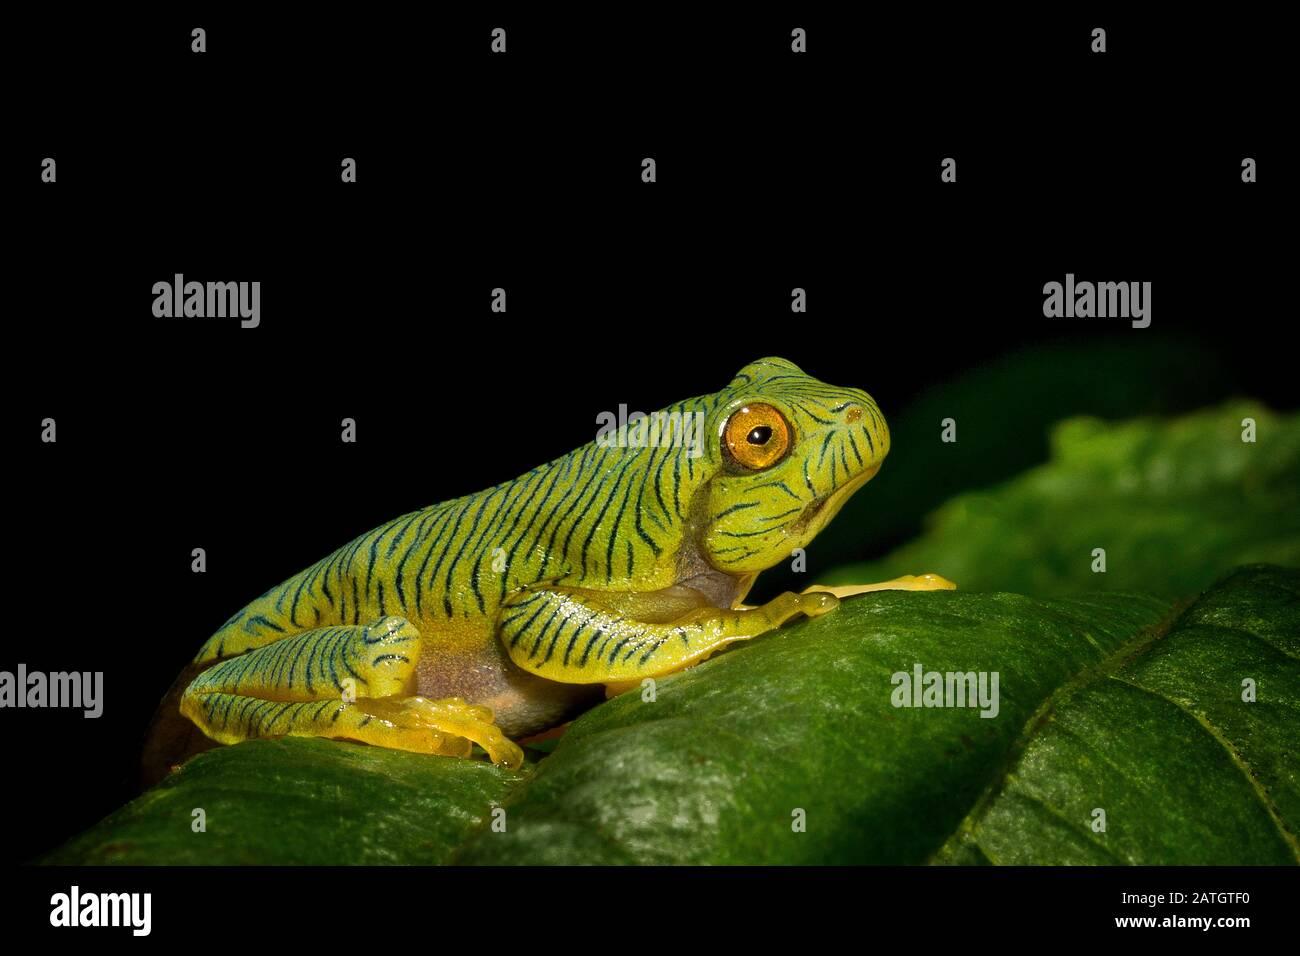 Rhacophorus pseudomalabaaricus type de grenouille volante endémique aux collines d'Anaïmalai des états du Tamil Nadu et du Kerala, Inde. Banque D'Images